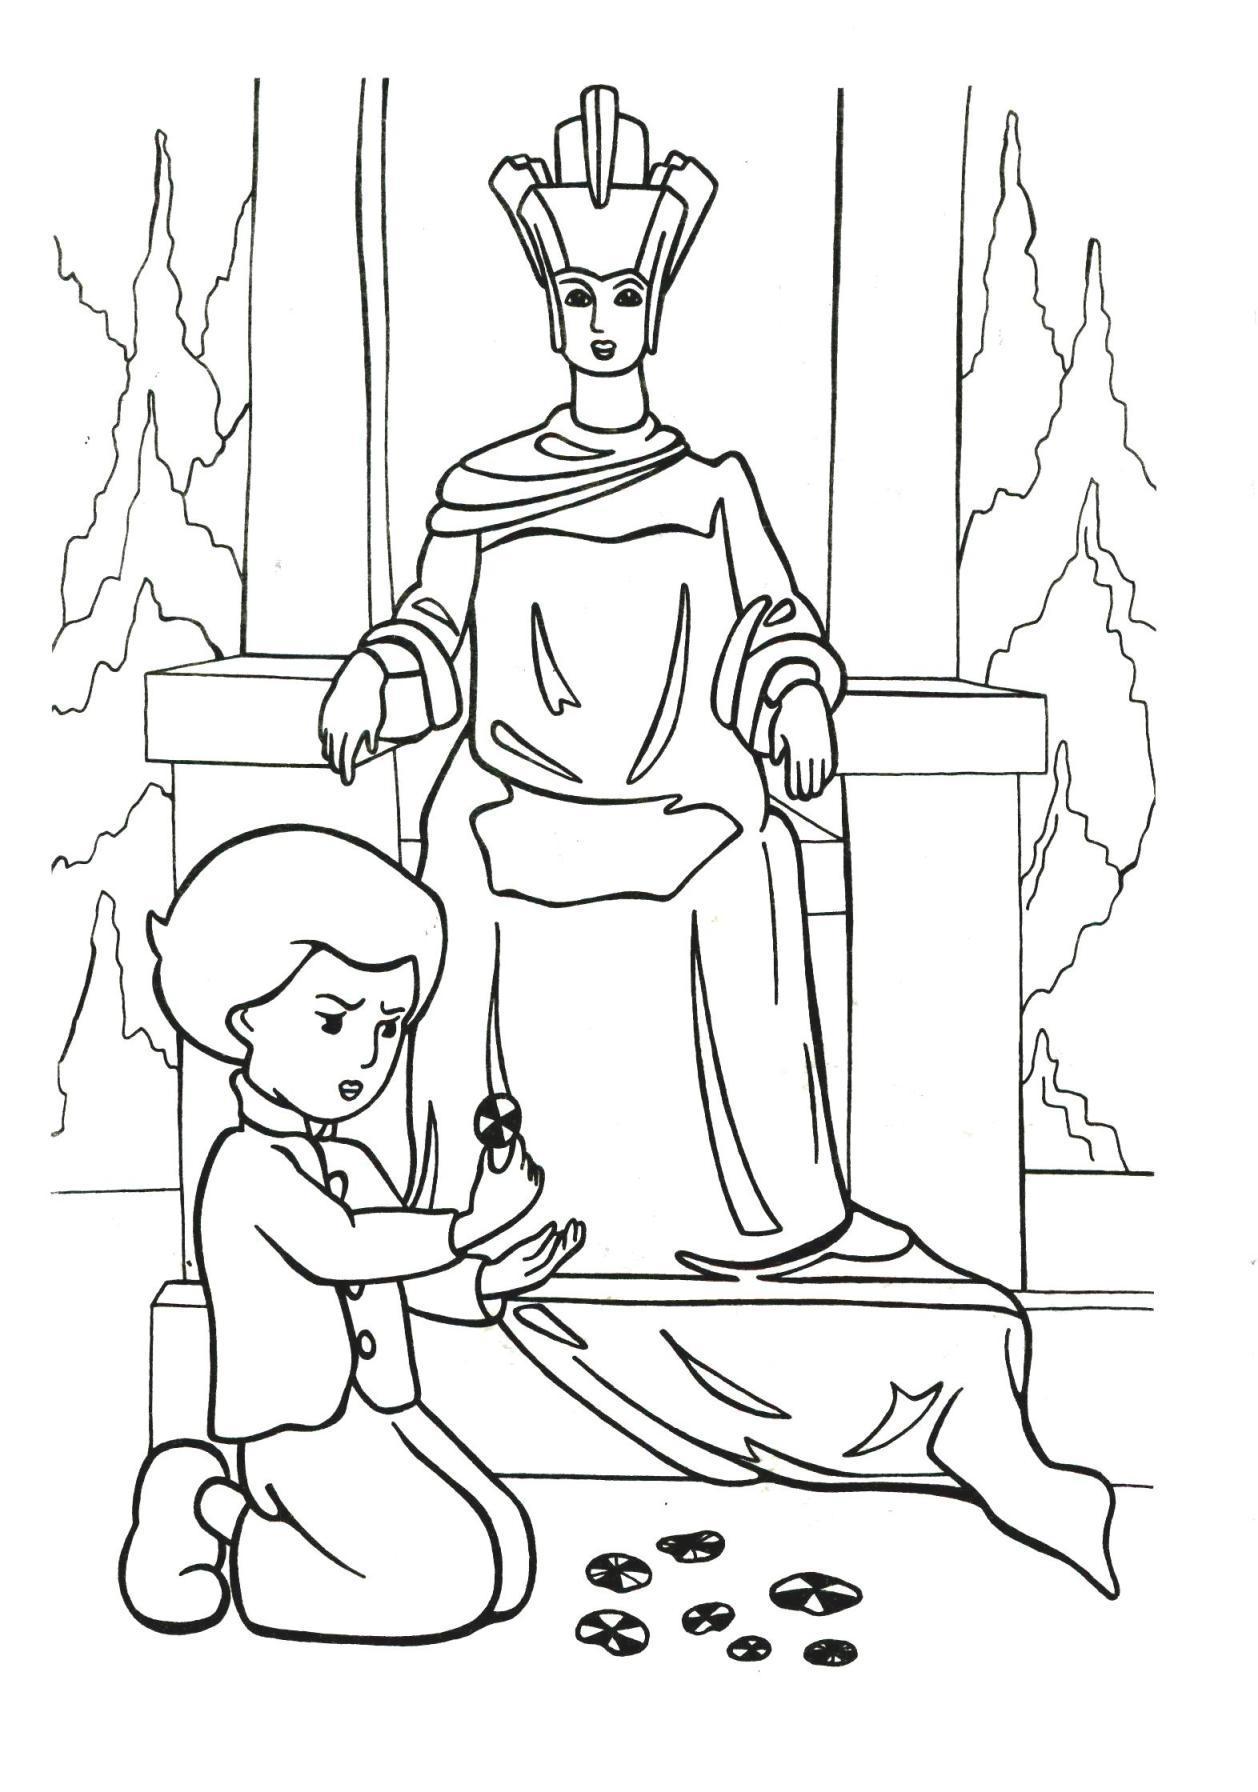 Розмальовки Розмальовки по казках розмальовки за казкою снігова королева, герда, ілюстрації снігова коро...